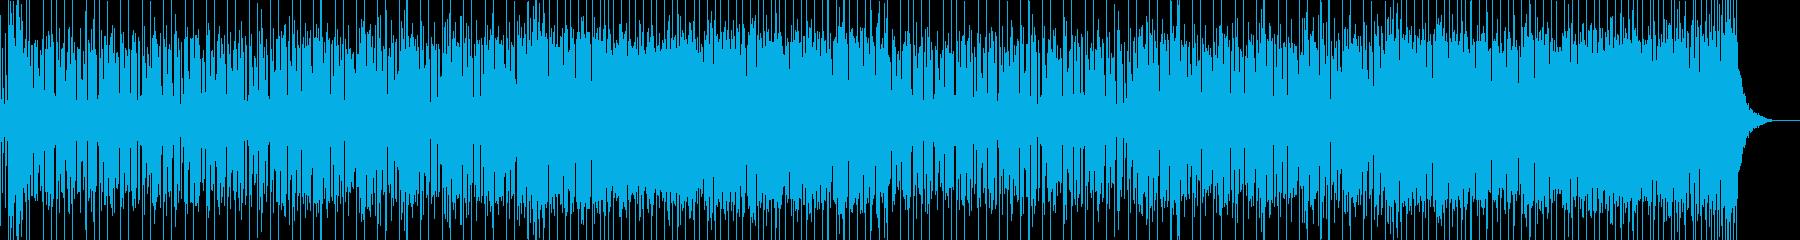 ふつふつとやる気が出る楽しいポップスの再生済みの波形